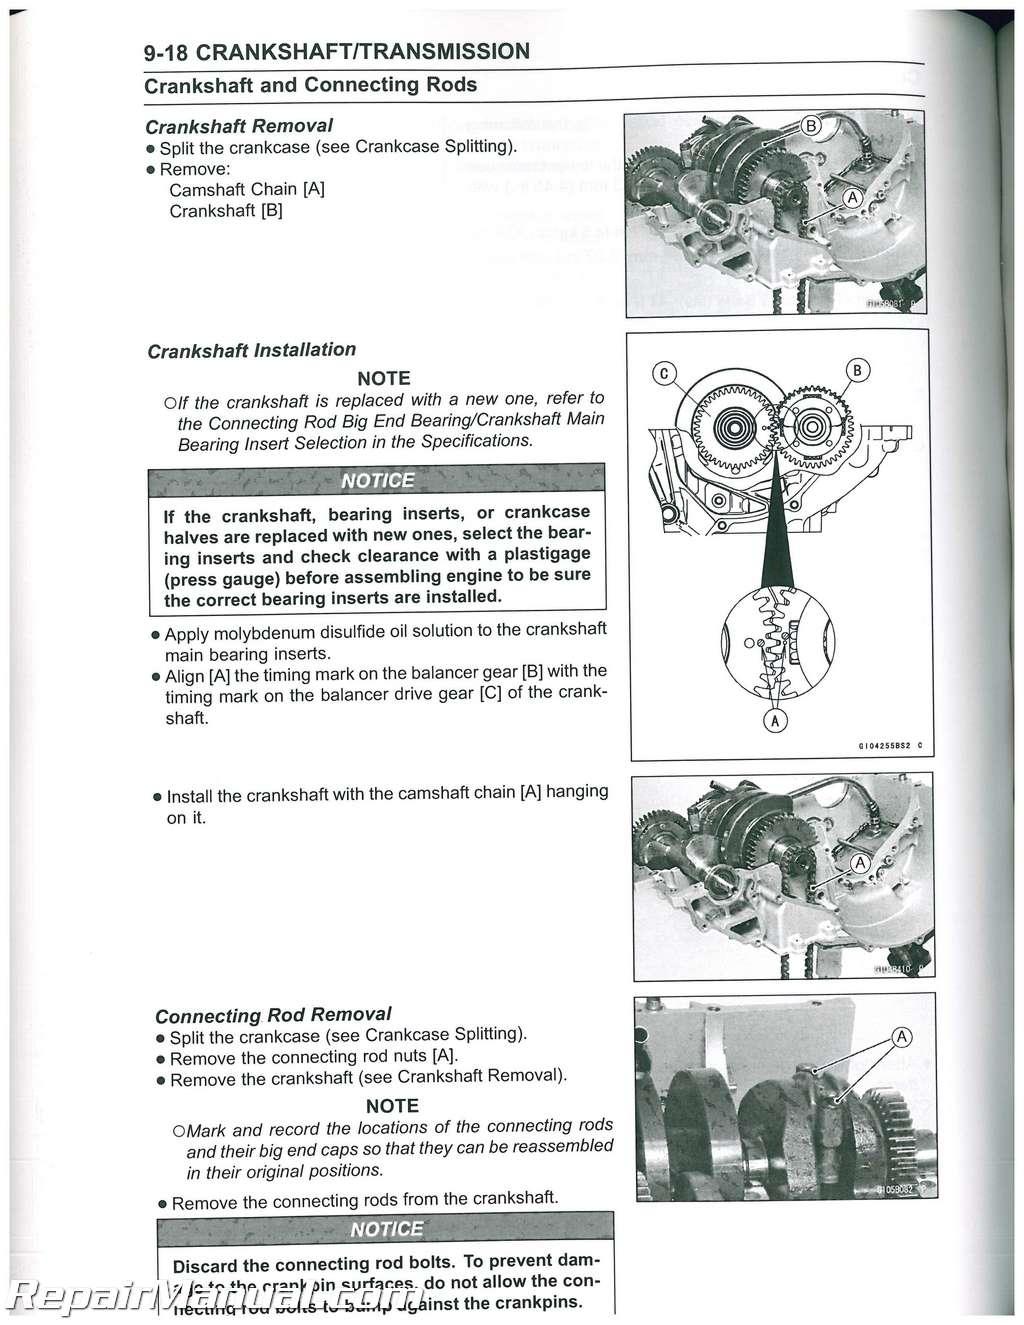 2010 Kawasaki Kle650a Versys Service Manual